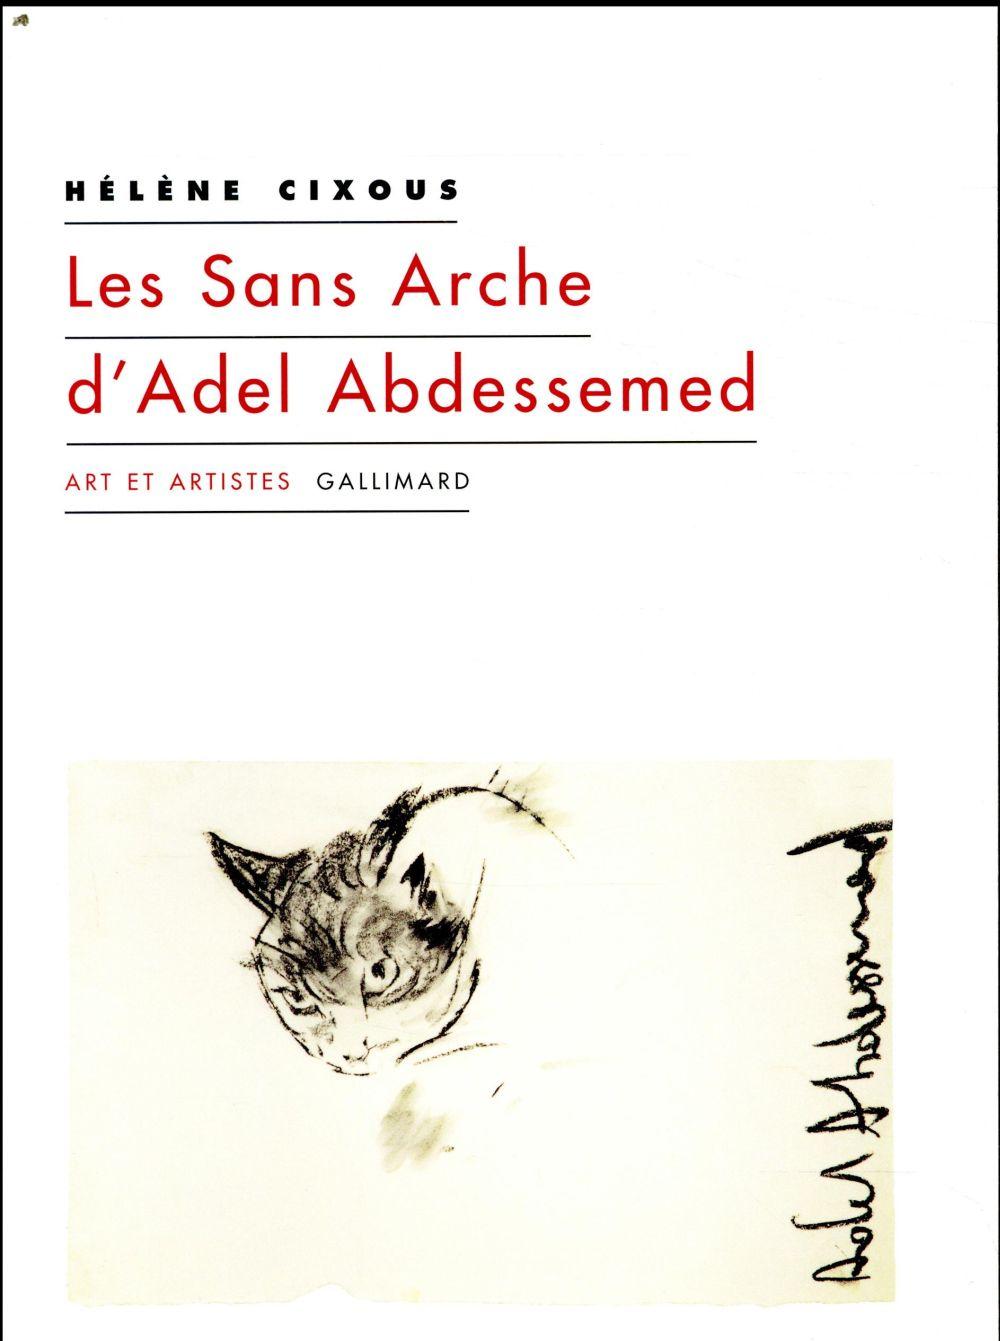 Les Sans Arche d'Adel Abdessemed